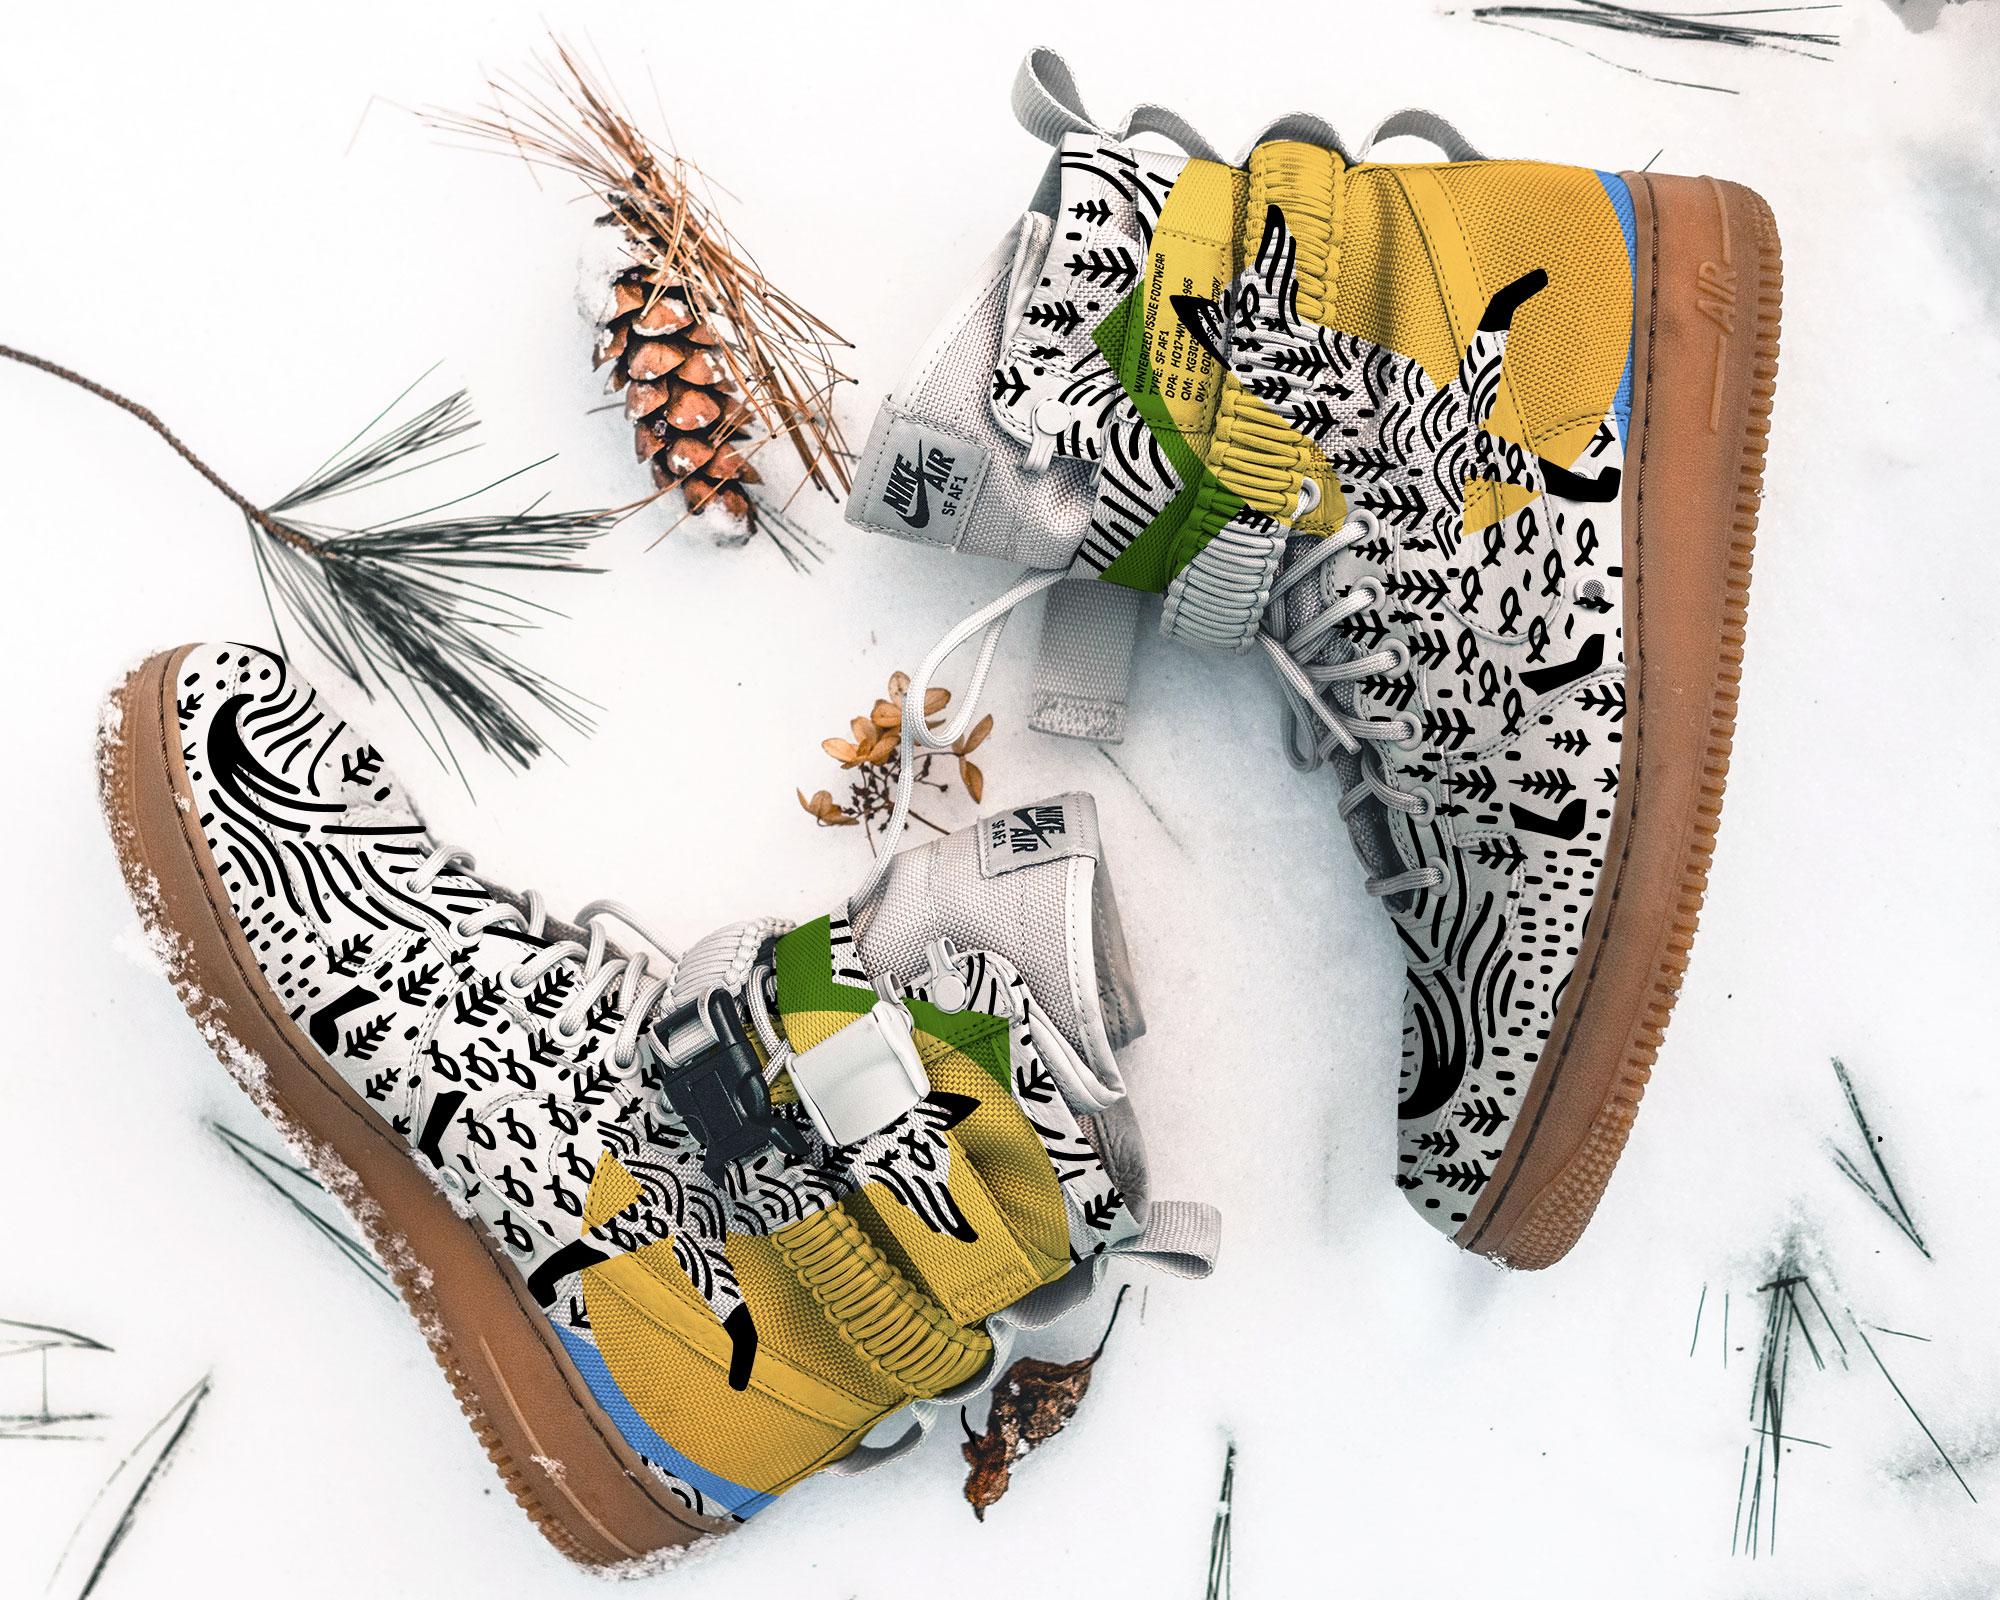 Брендированные кросовки на снегу